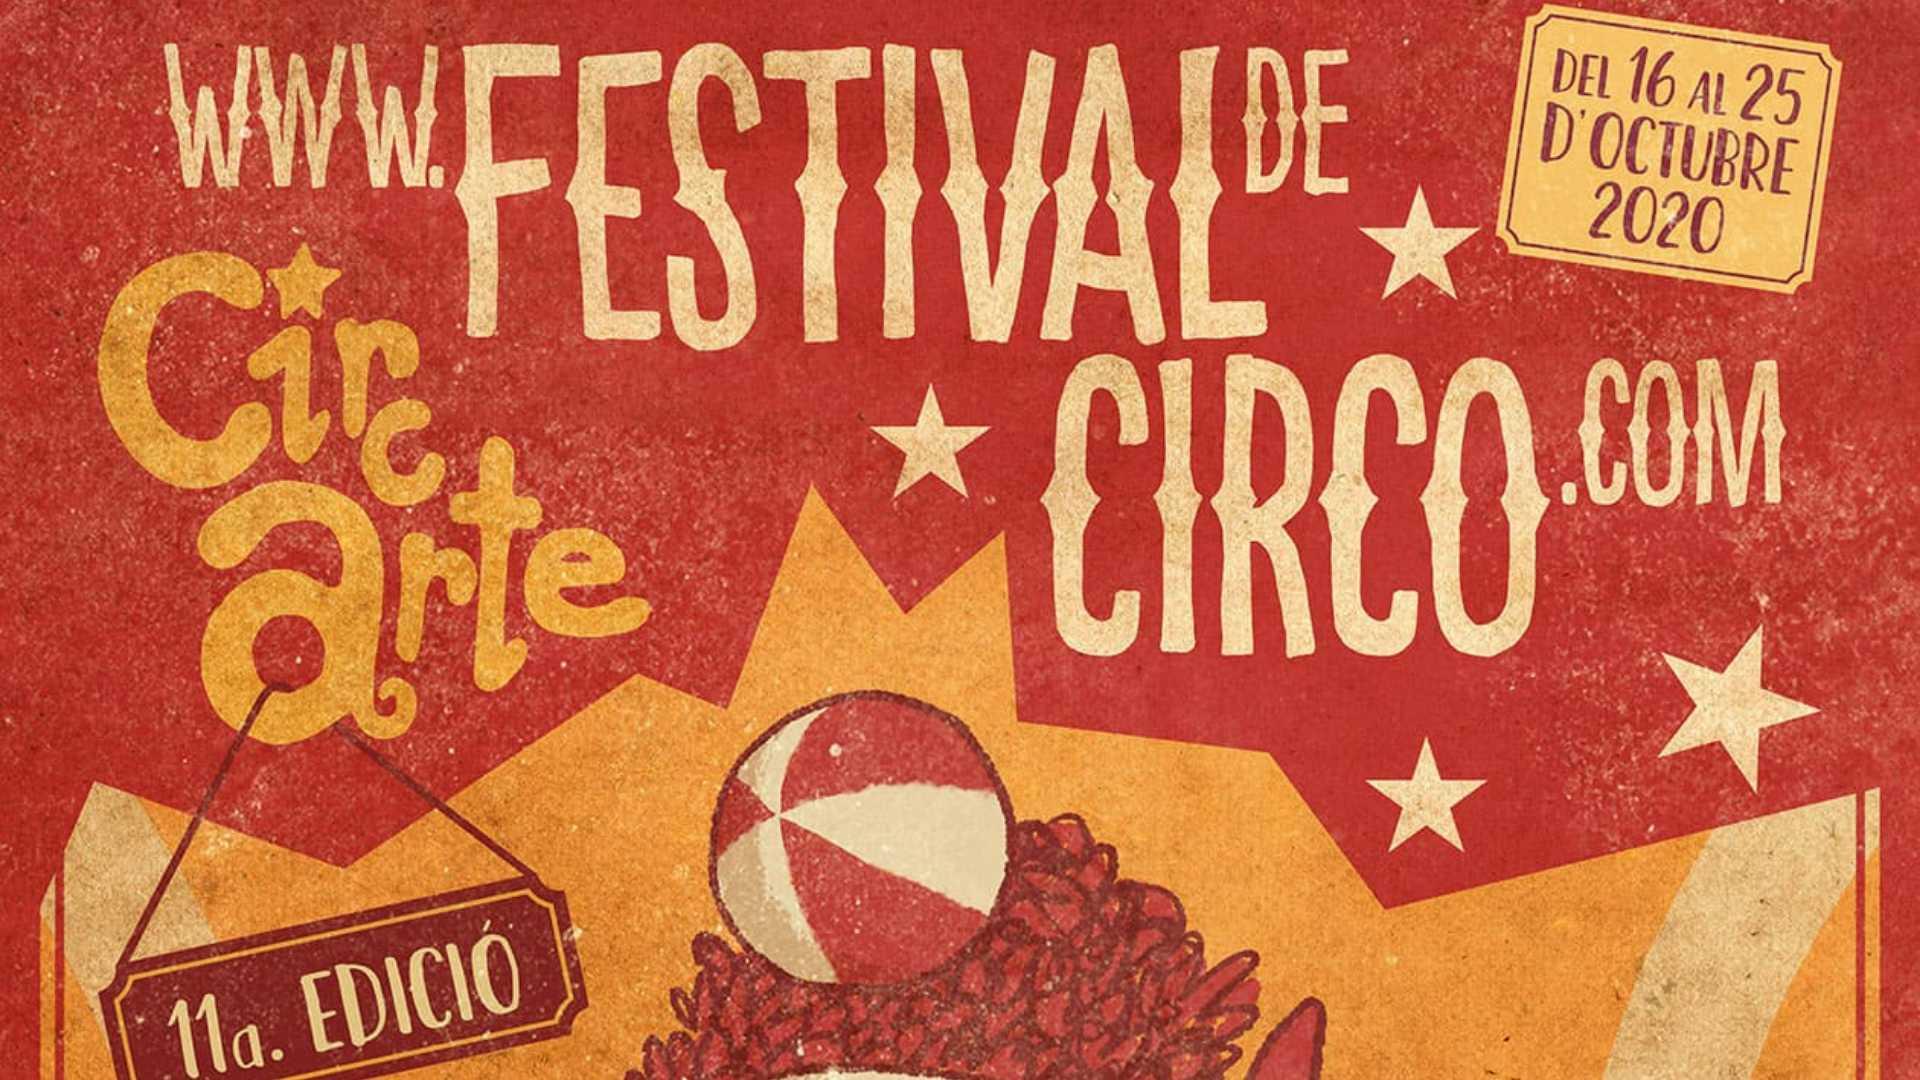 circarte festival de circ